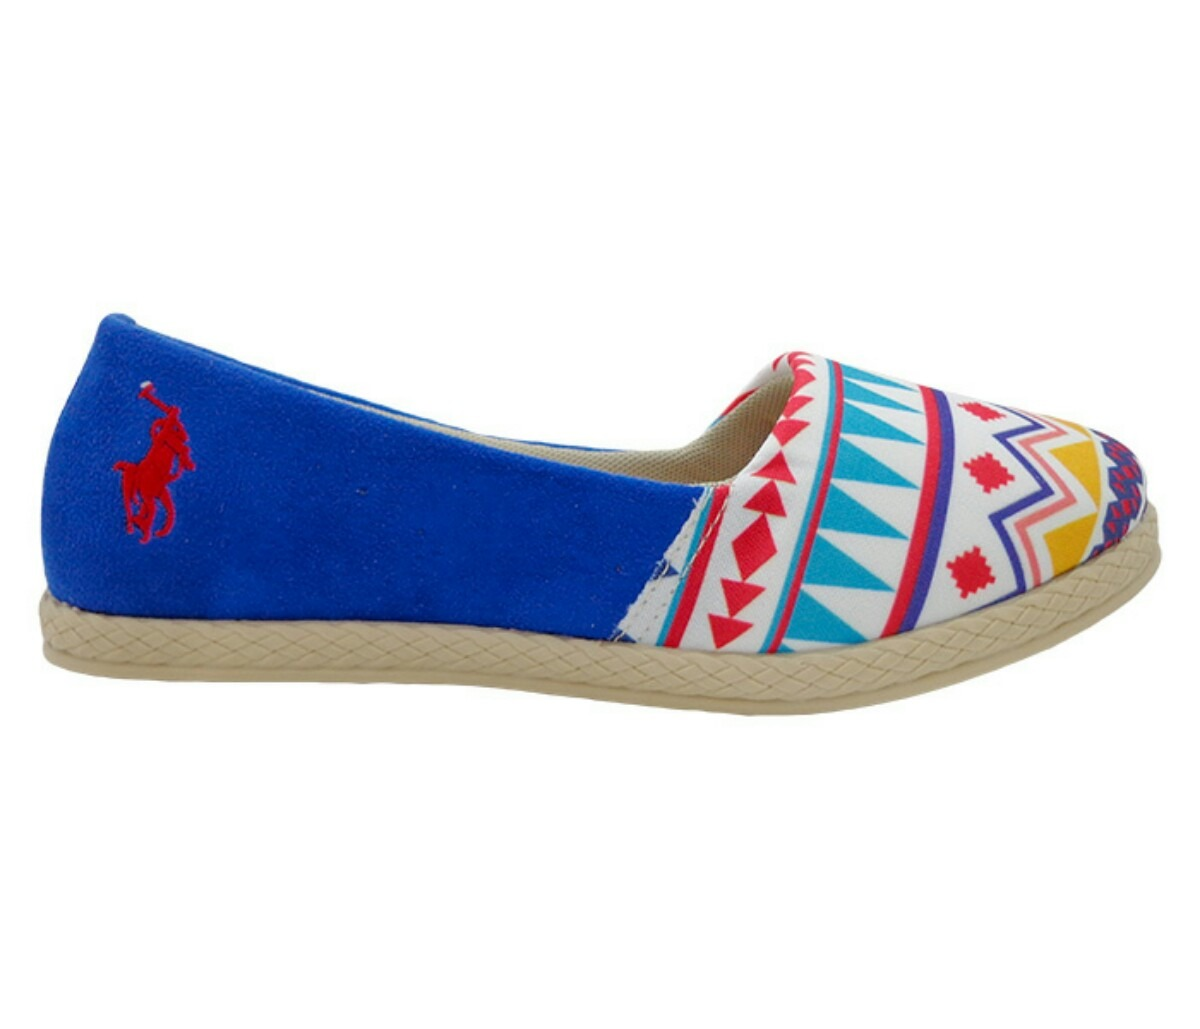 c7078eb4b85cc Sapatilhas Feminina Polo Ralph Lauren Tênis Calçados - R  52,90 em ...